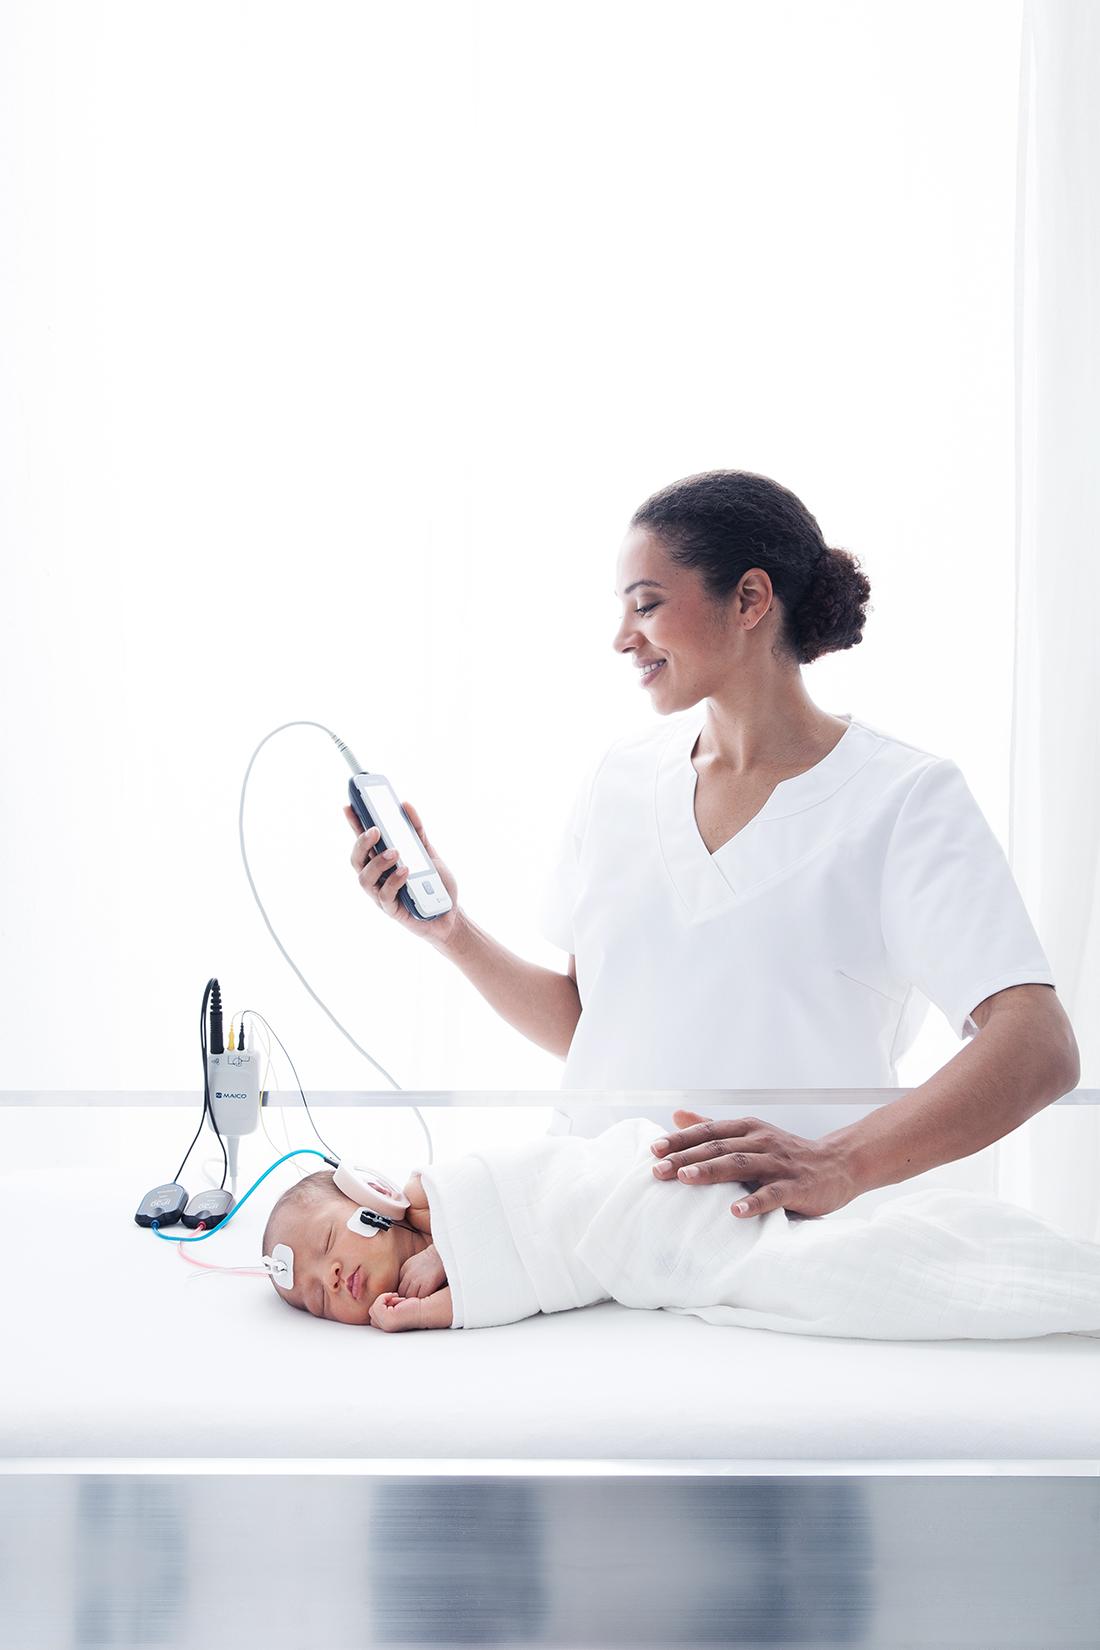 Neugeborenes_Werbeshooting_Babyshooting_Commercial_Maico_Hördiagnostik © Miriam Ellerbrake, Berlin 2019